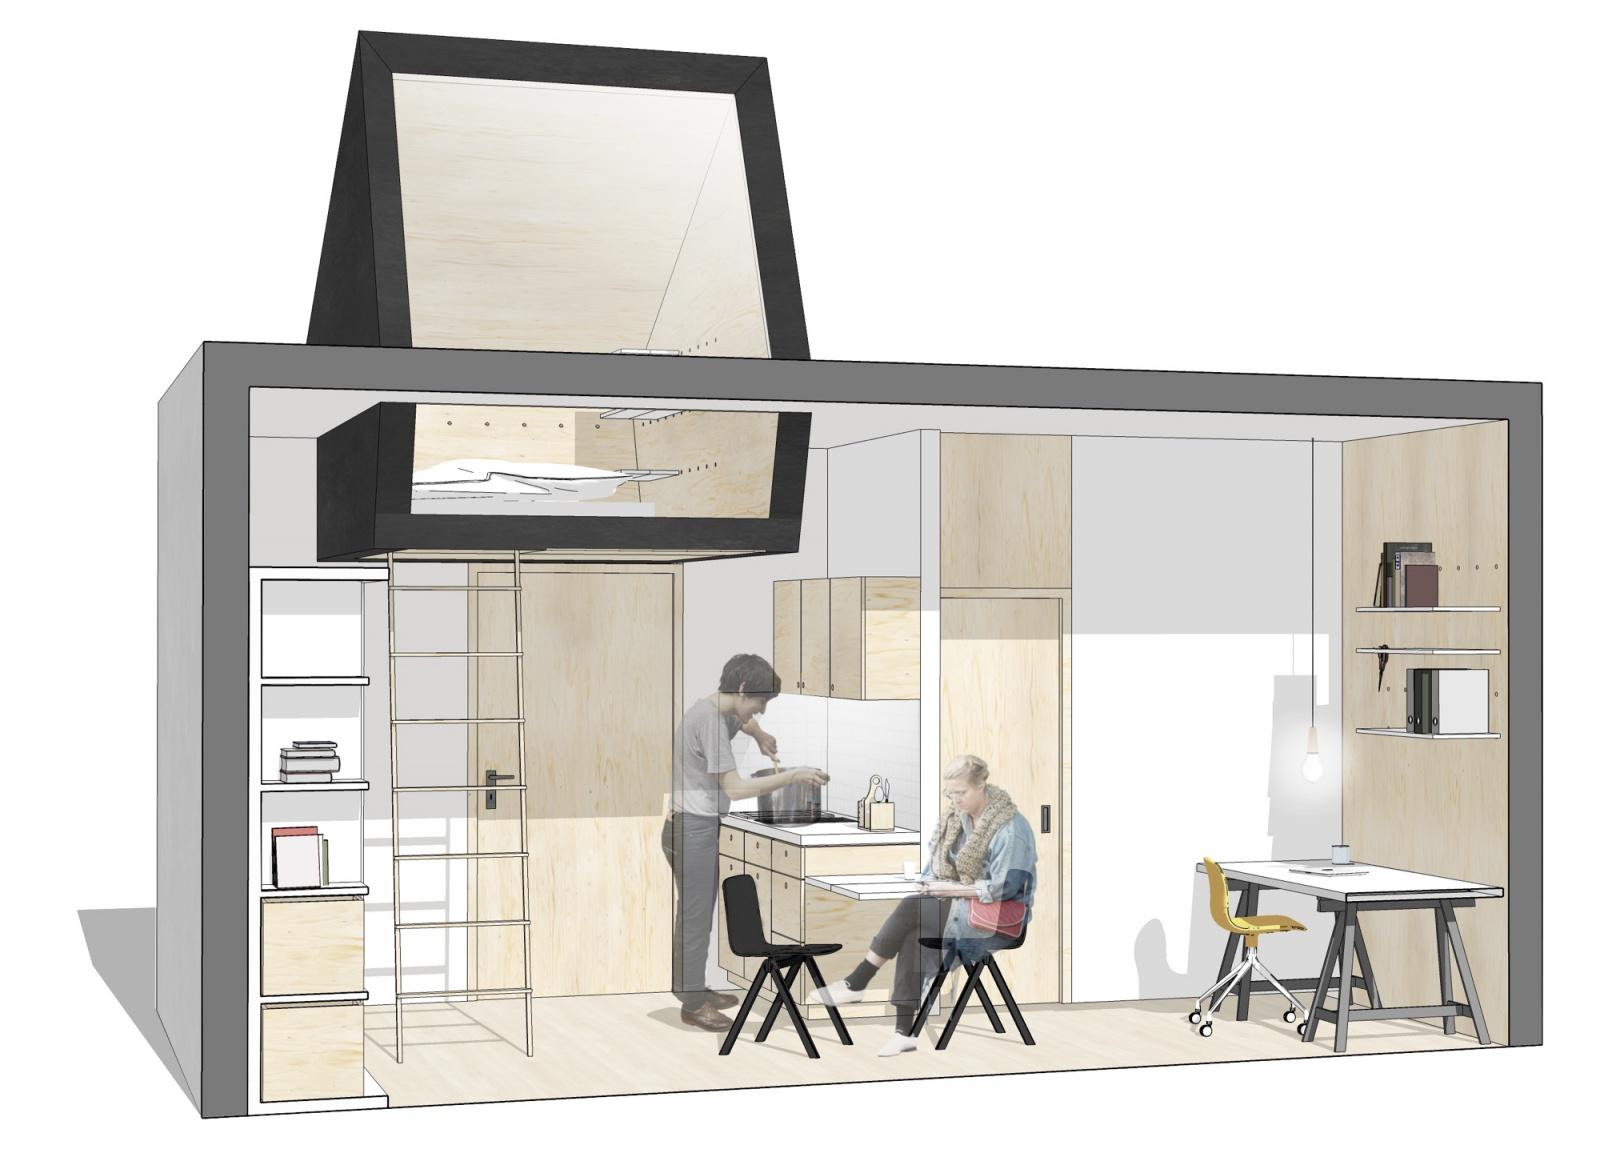 Zimmerschnitt boehr klein bund deutscher for Jobborse innenarchitektur